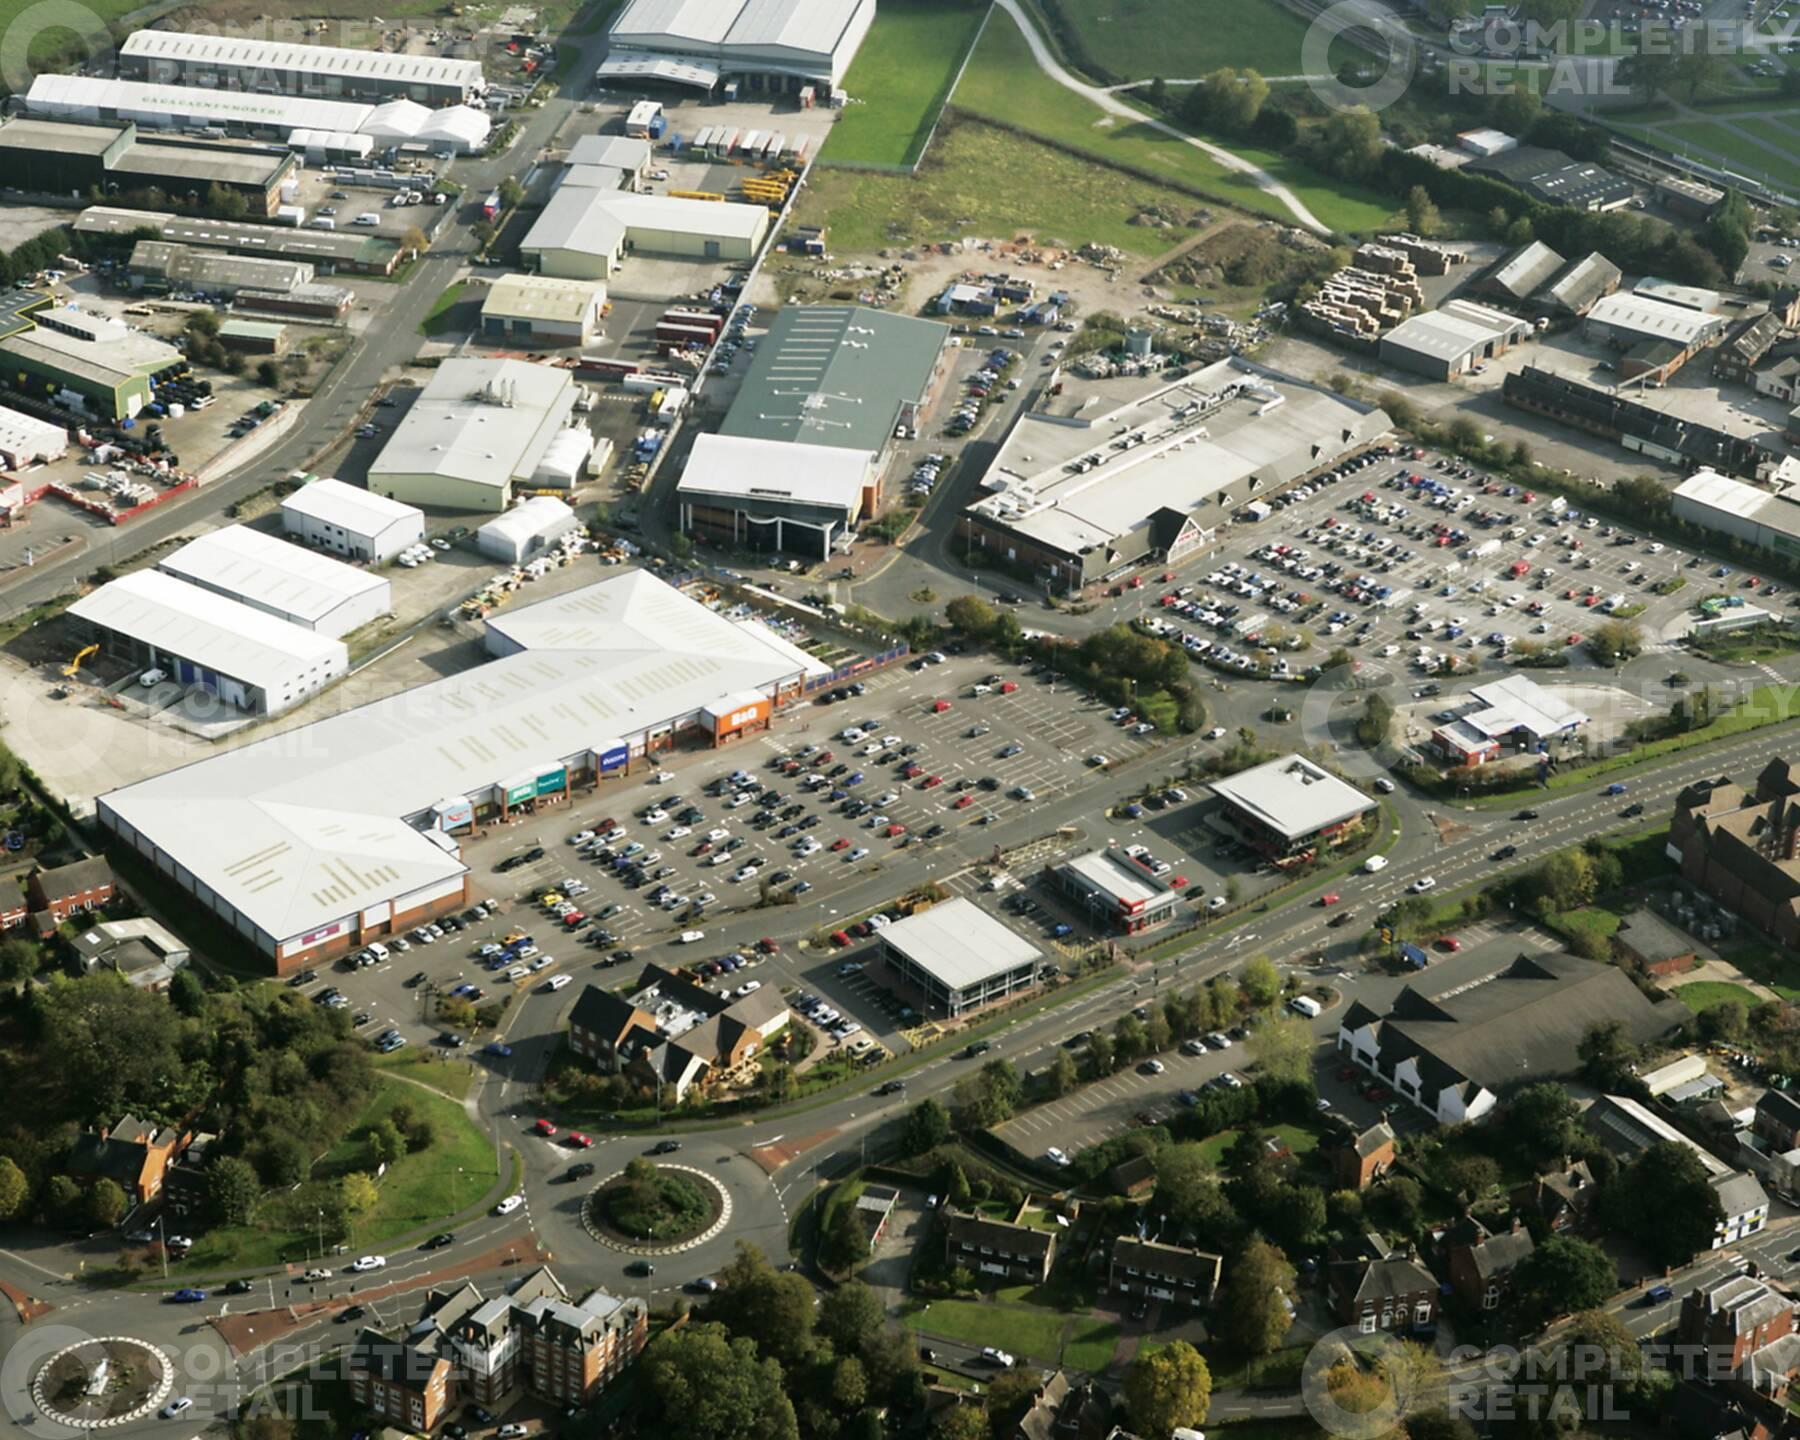 Dovefields Retail Park